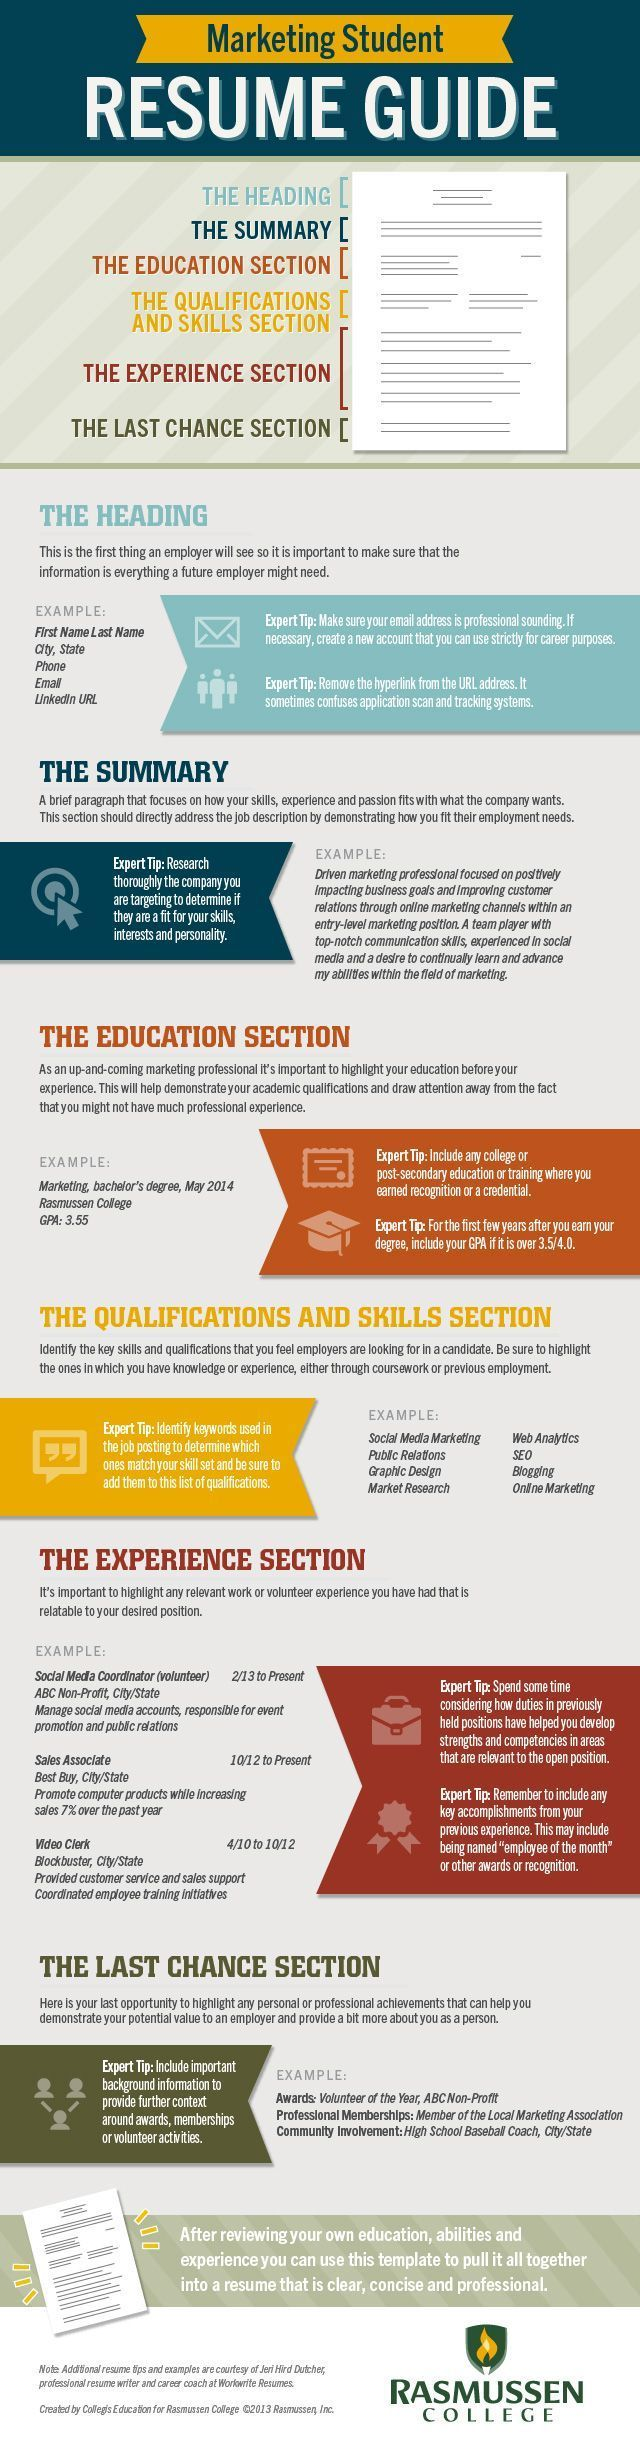 Marketing Student Resume Guide   Resume Tips   Resume Tips ...